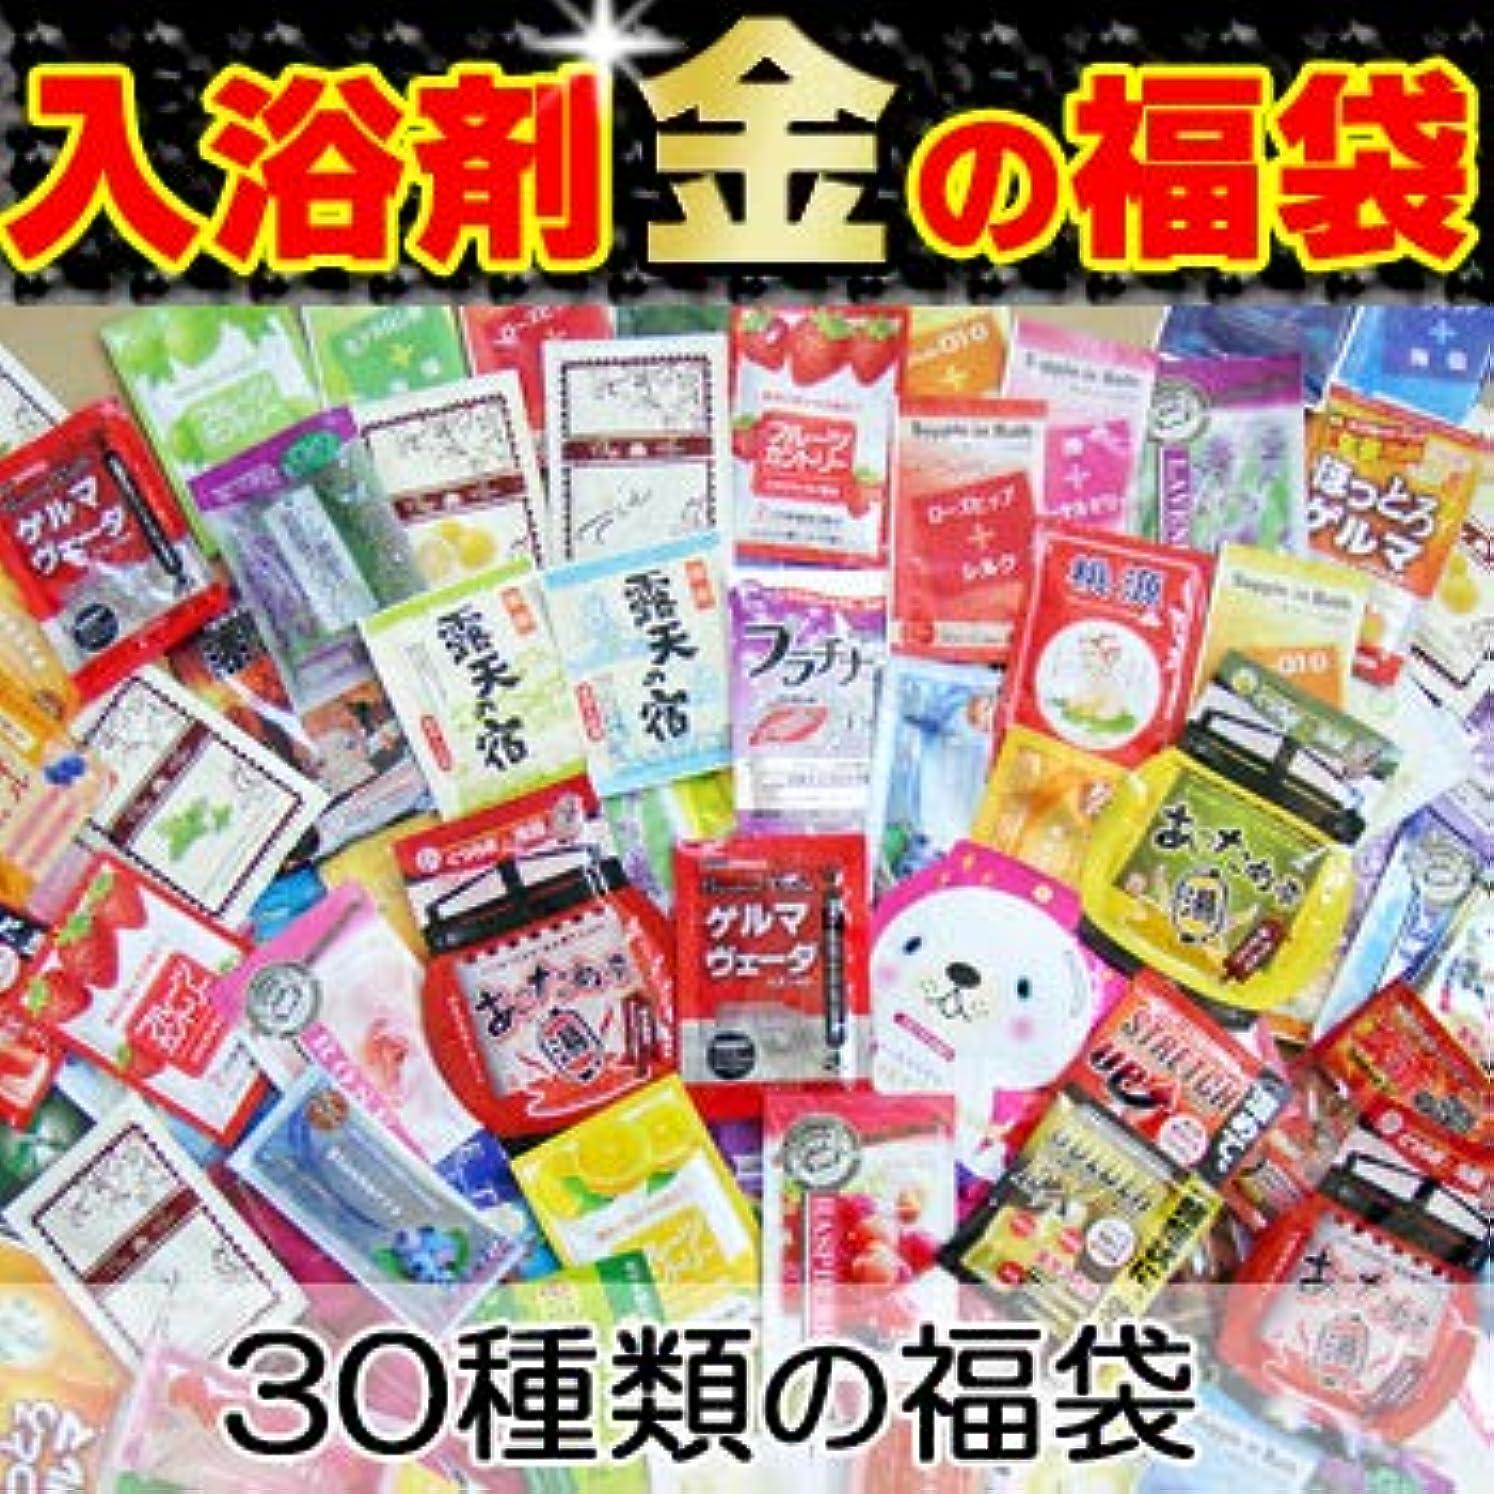 回路ボウリング形お試し入浴剤 金の福袋30種類!30日分 入浴剤福袋 安心の日本製!